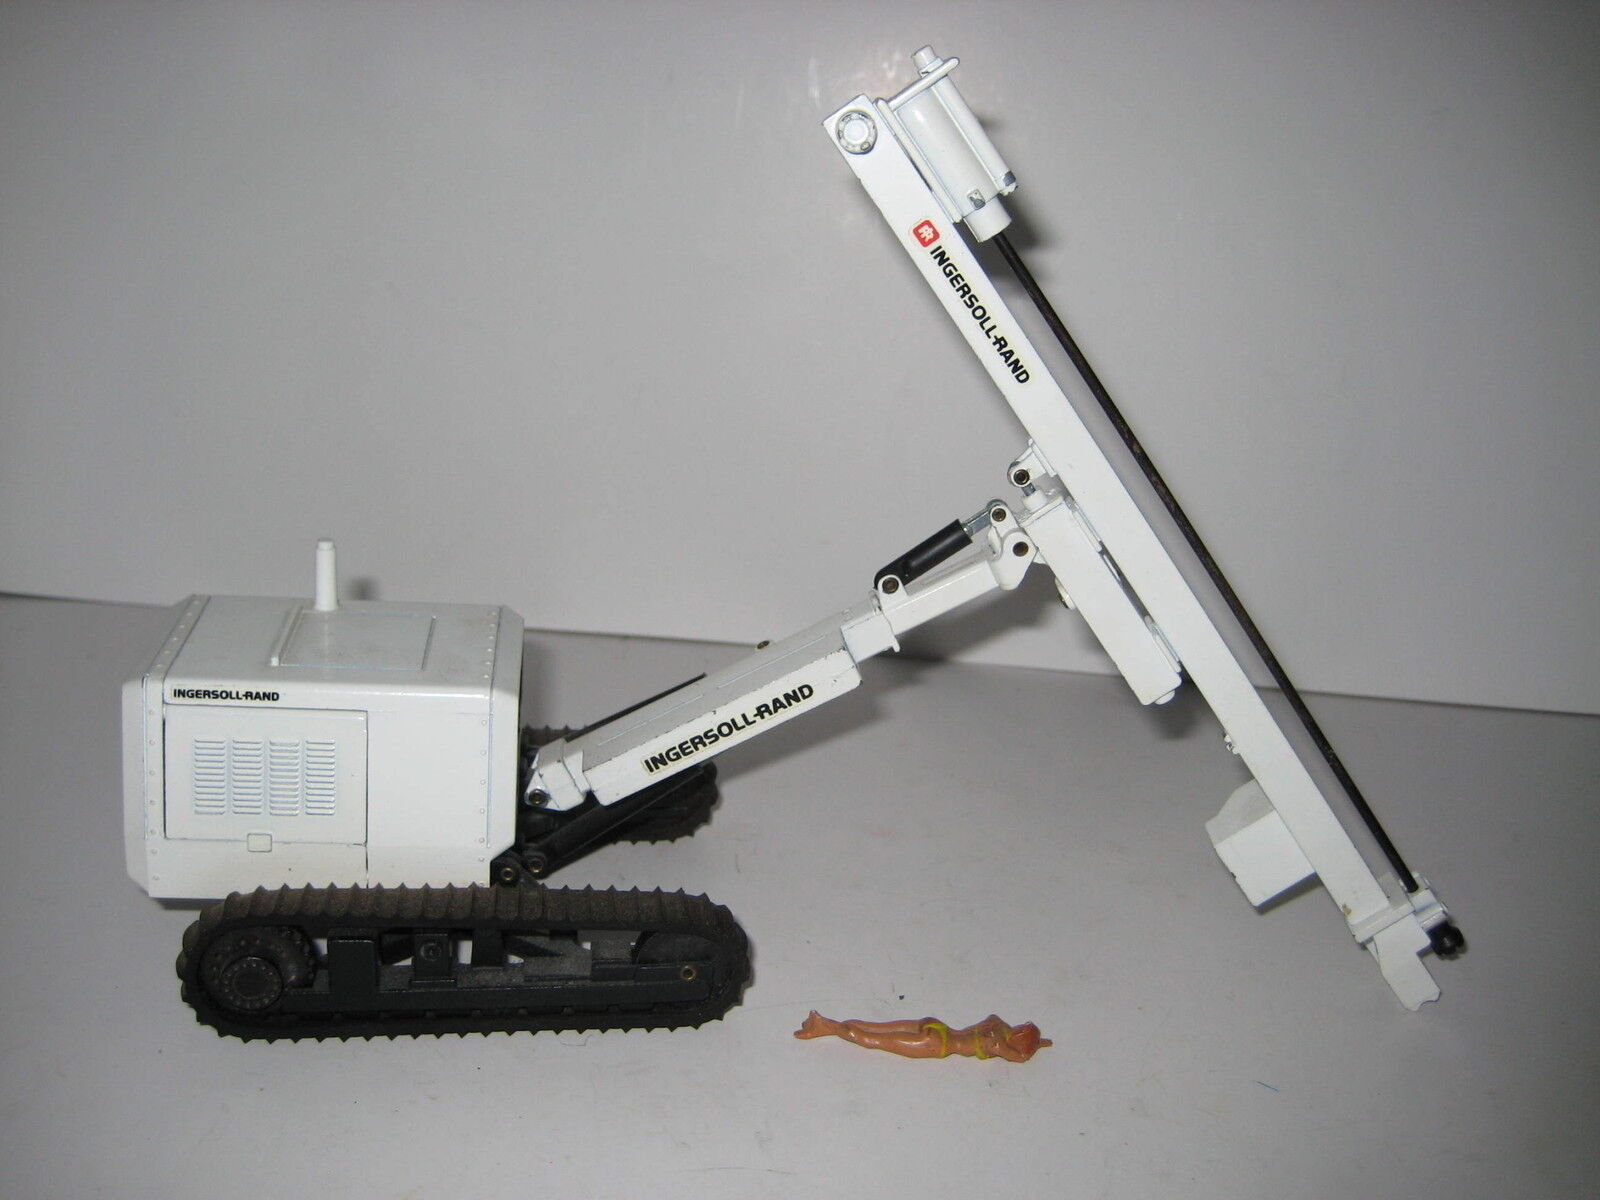 Ingersoll Rand ECM 450 dispositivo di foratura  213 NZG 1 30